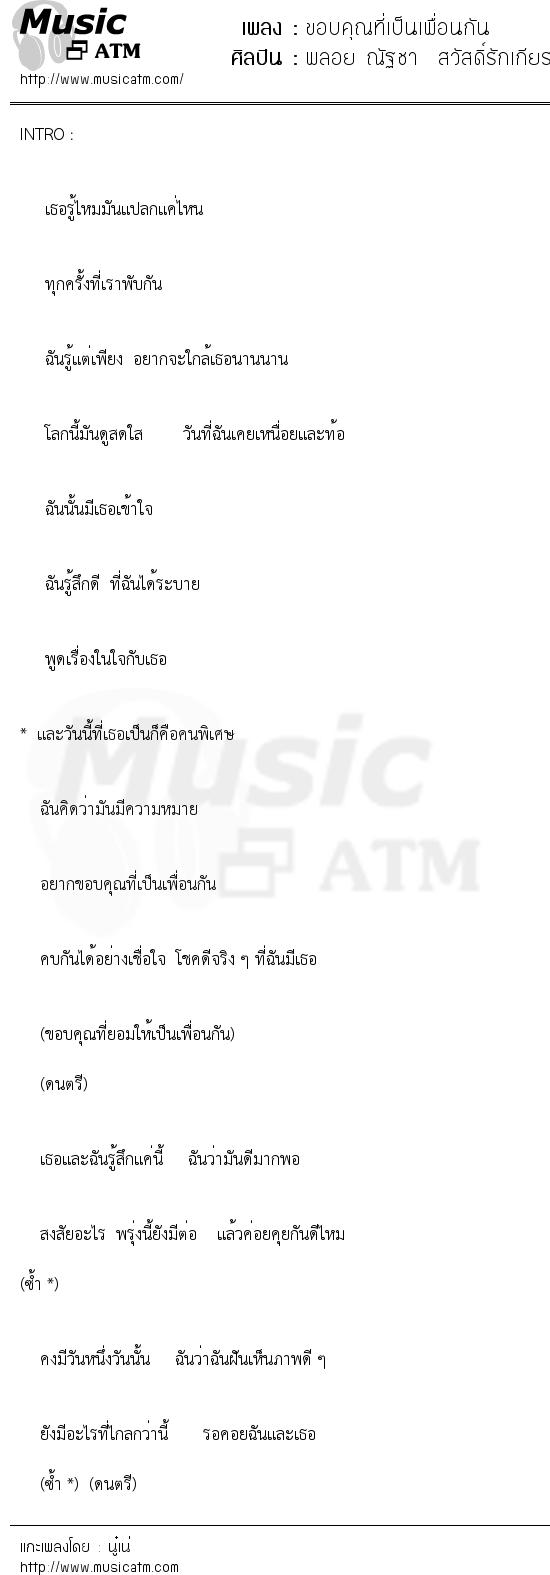 ขอบคุณที่เป็นเพื่อนกัน | เพลงไทย